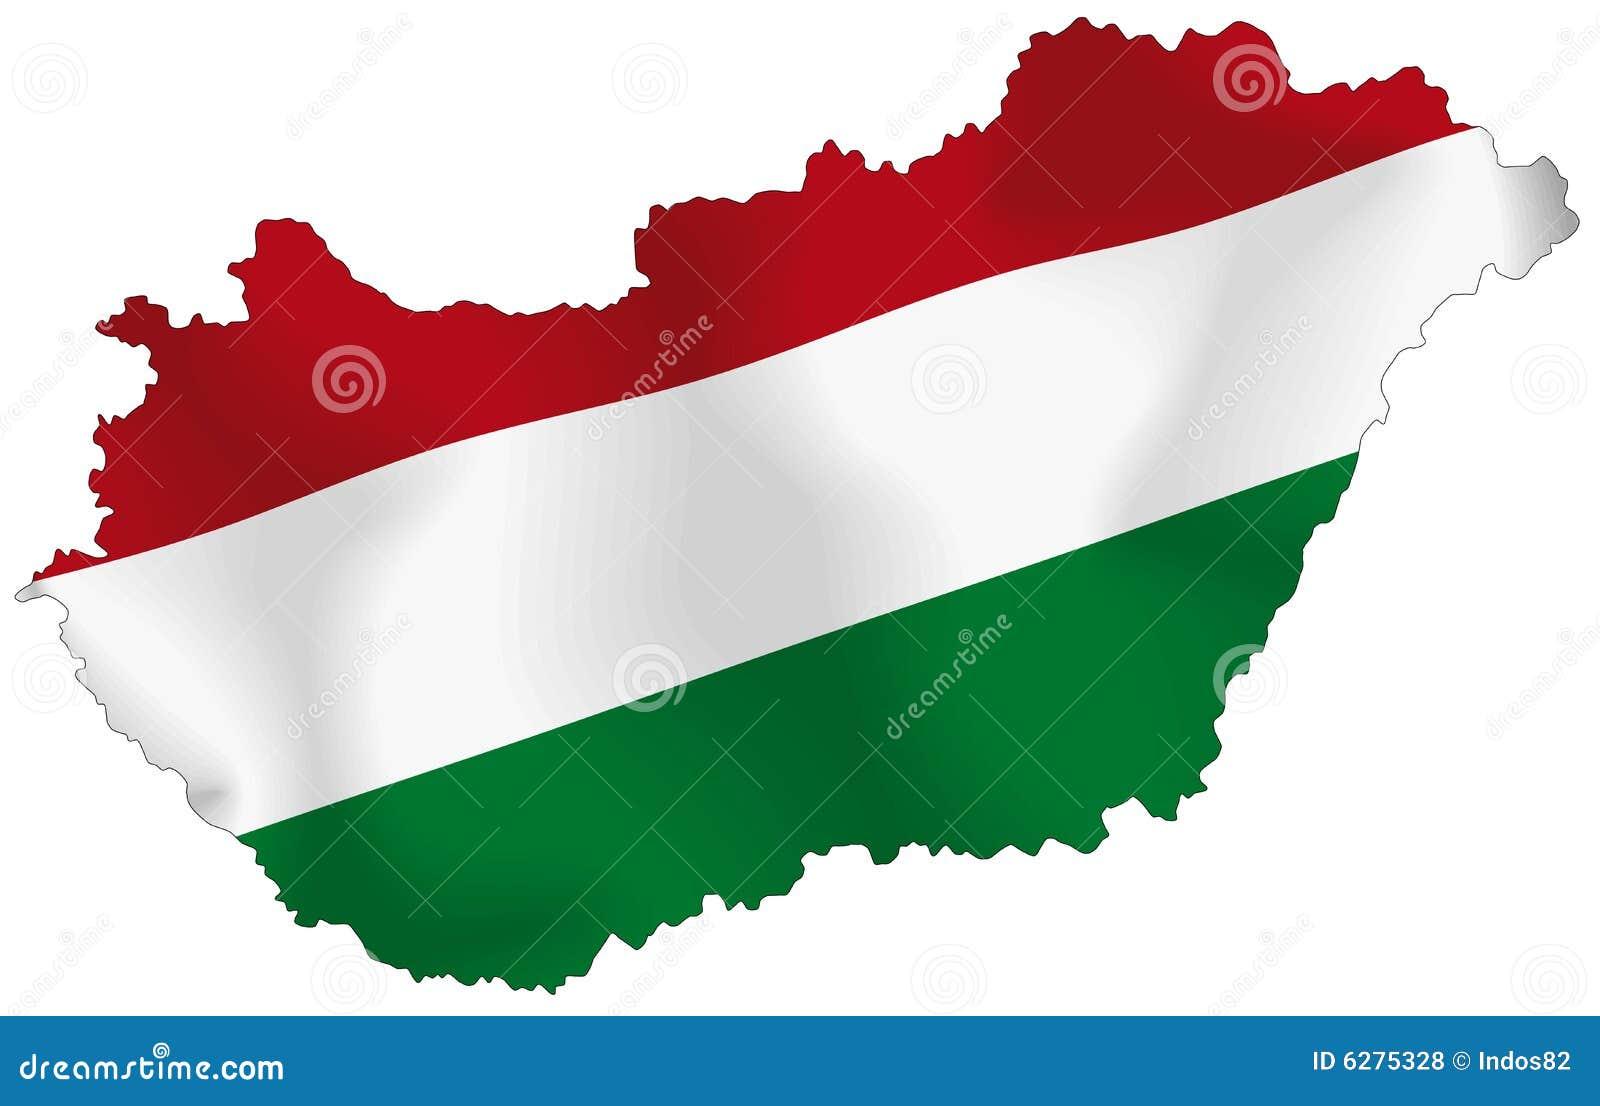 Indicador de Hungría